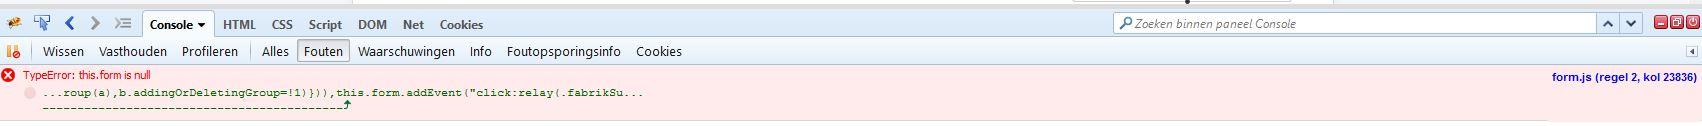 Multiple page break not working - script problem | Fabrik